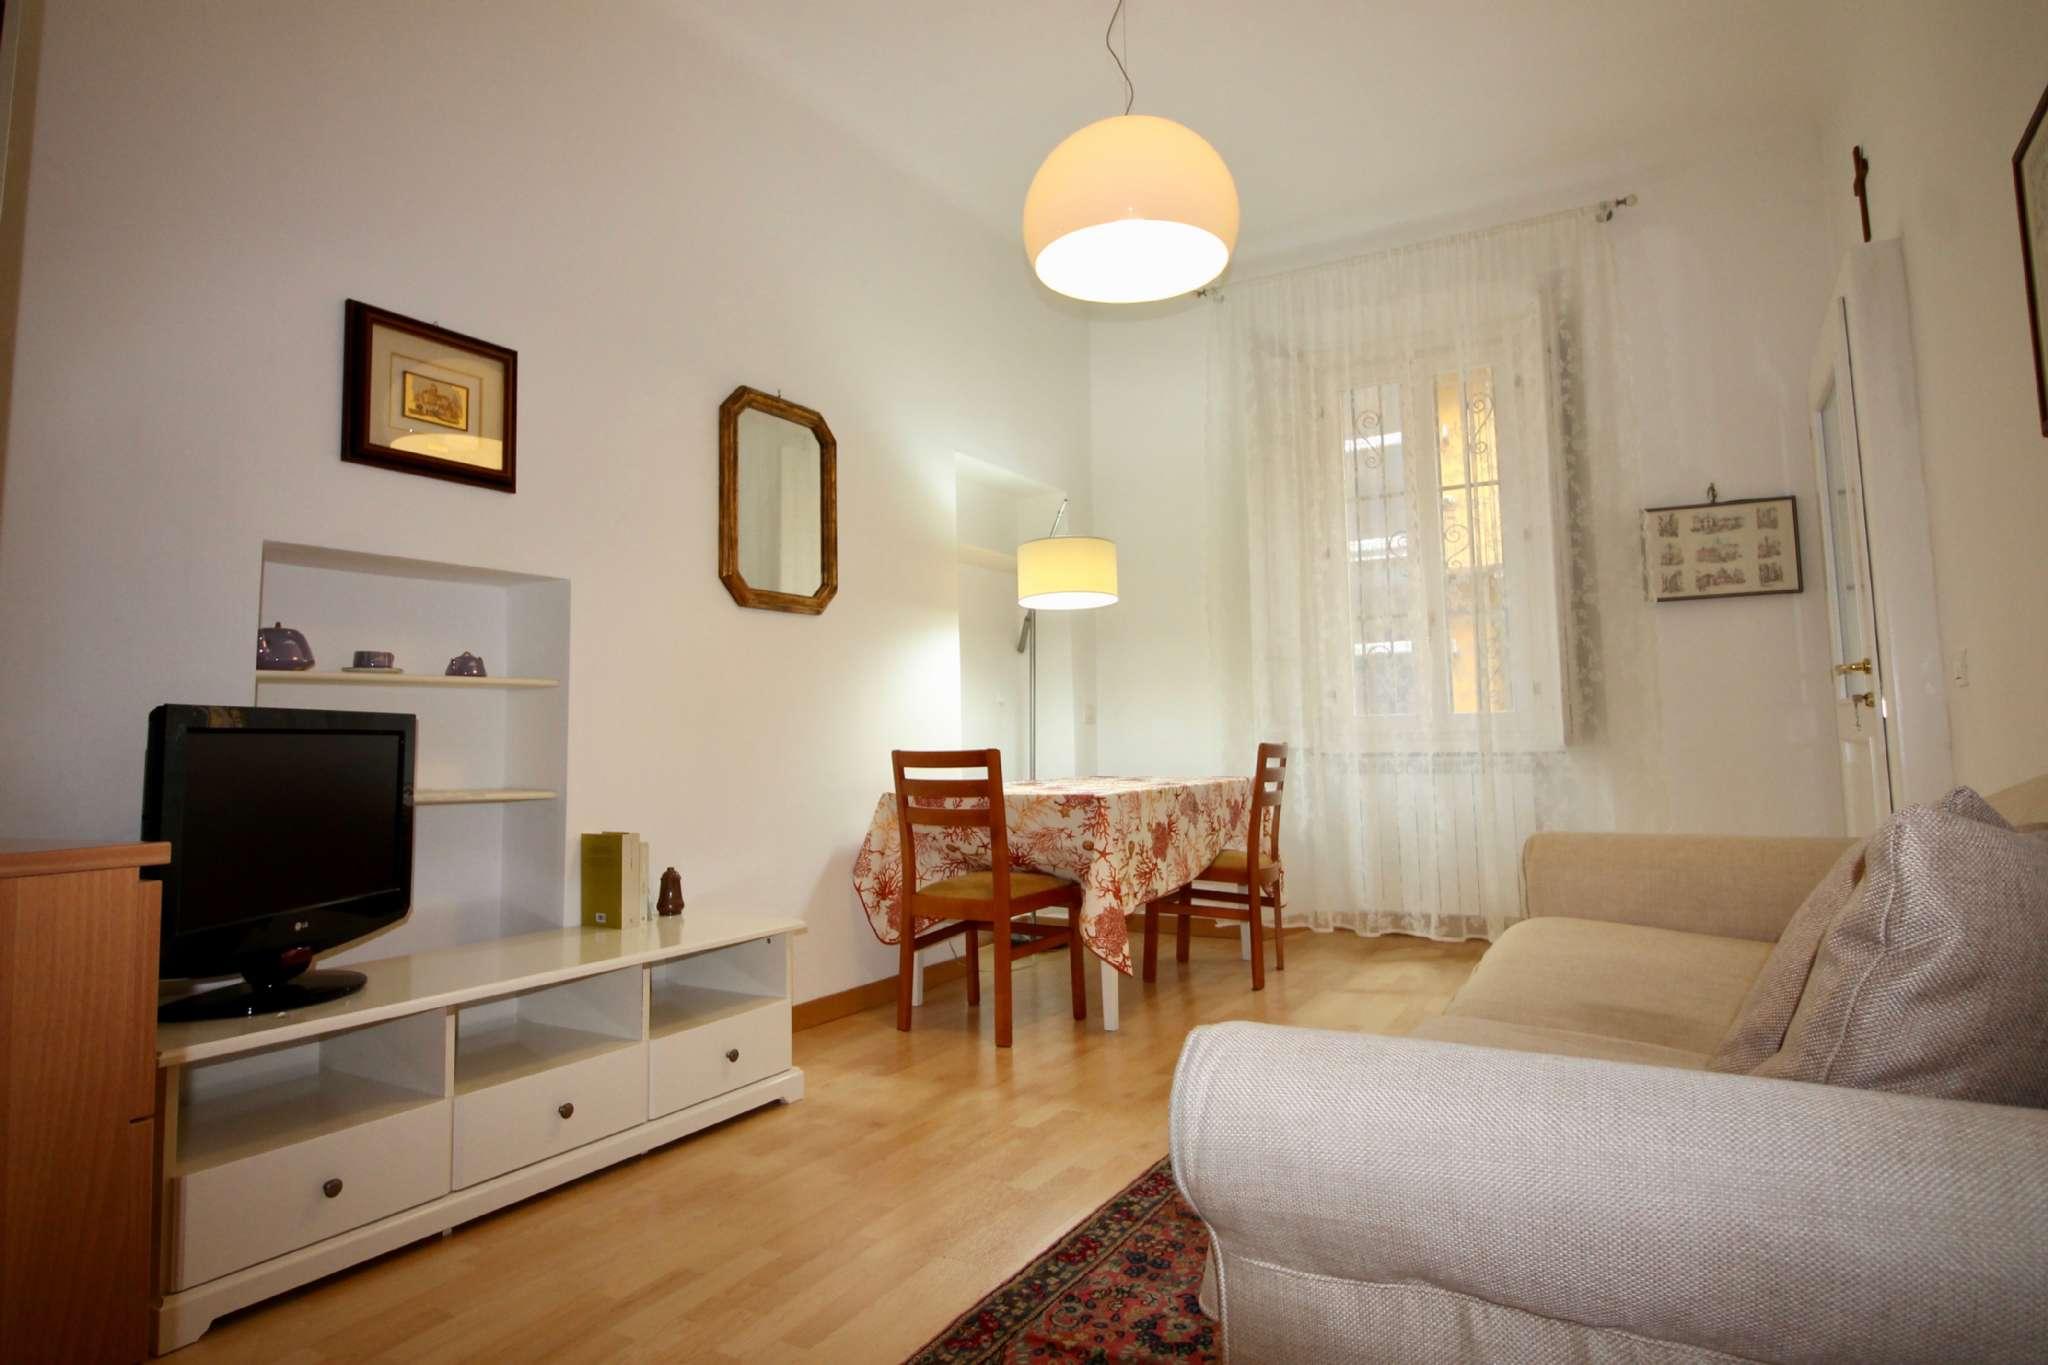 Appartamento in Affitto a Milano 01 Centro storico (Cerchia dei Navigli): 2 locali, 62 mq